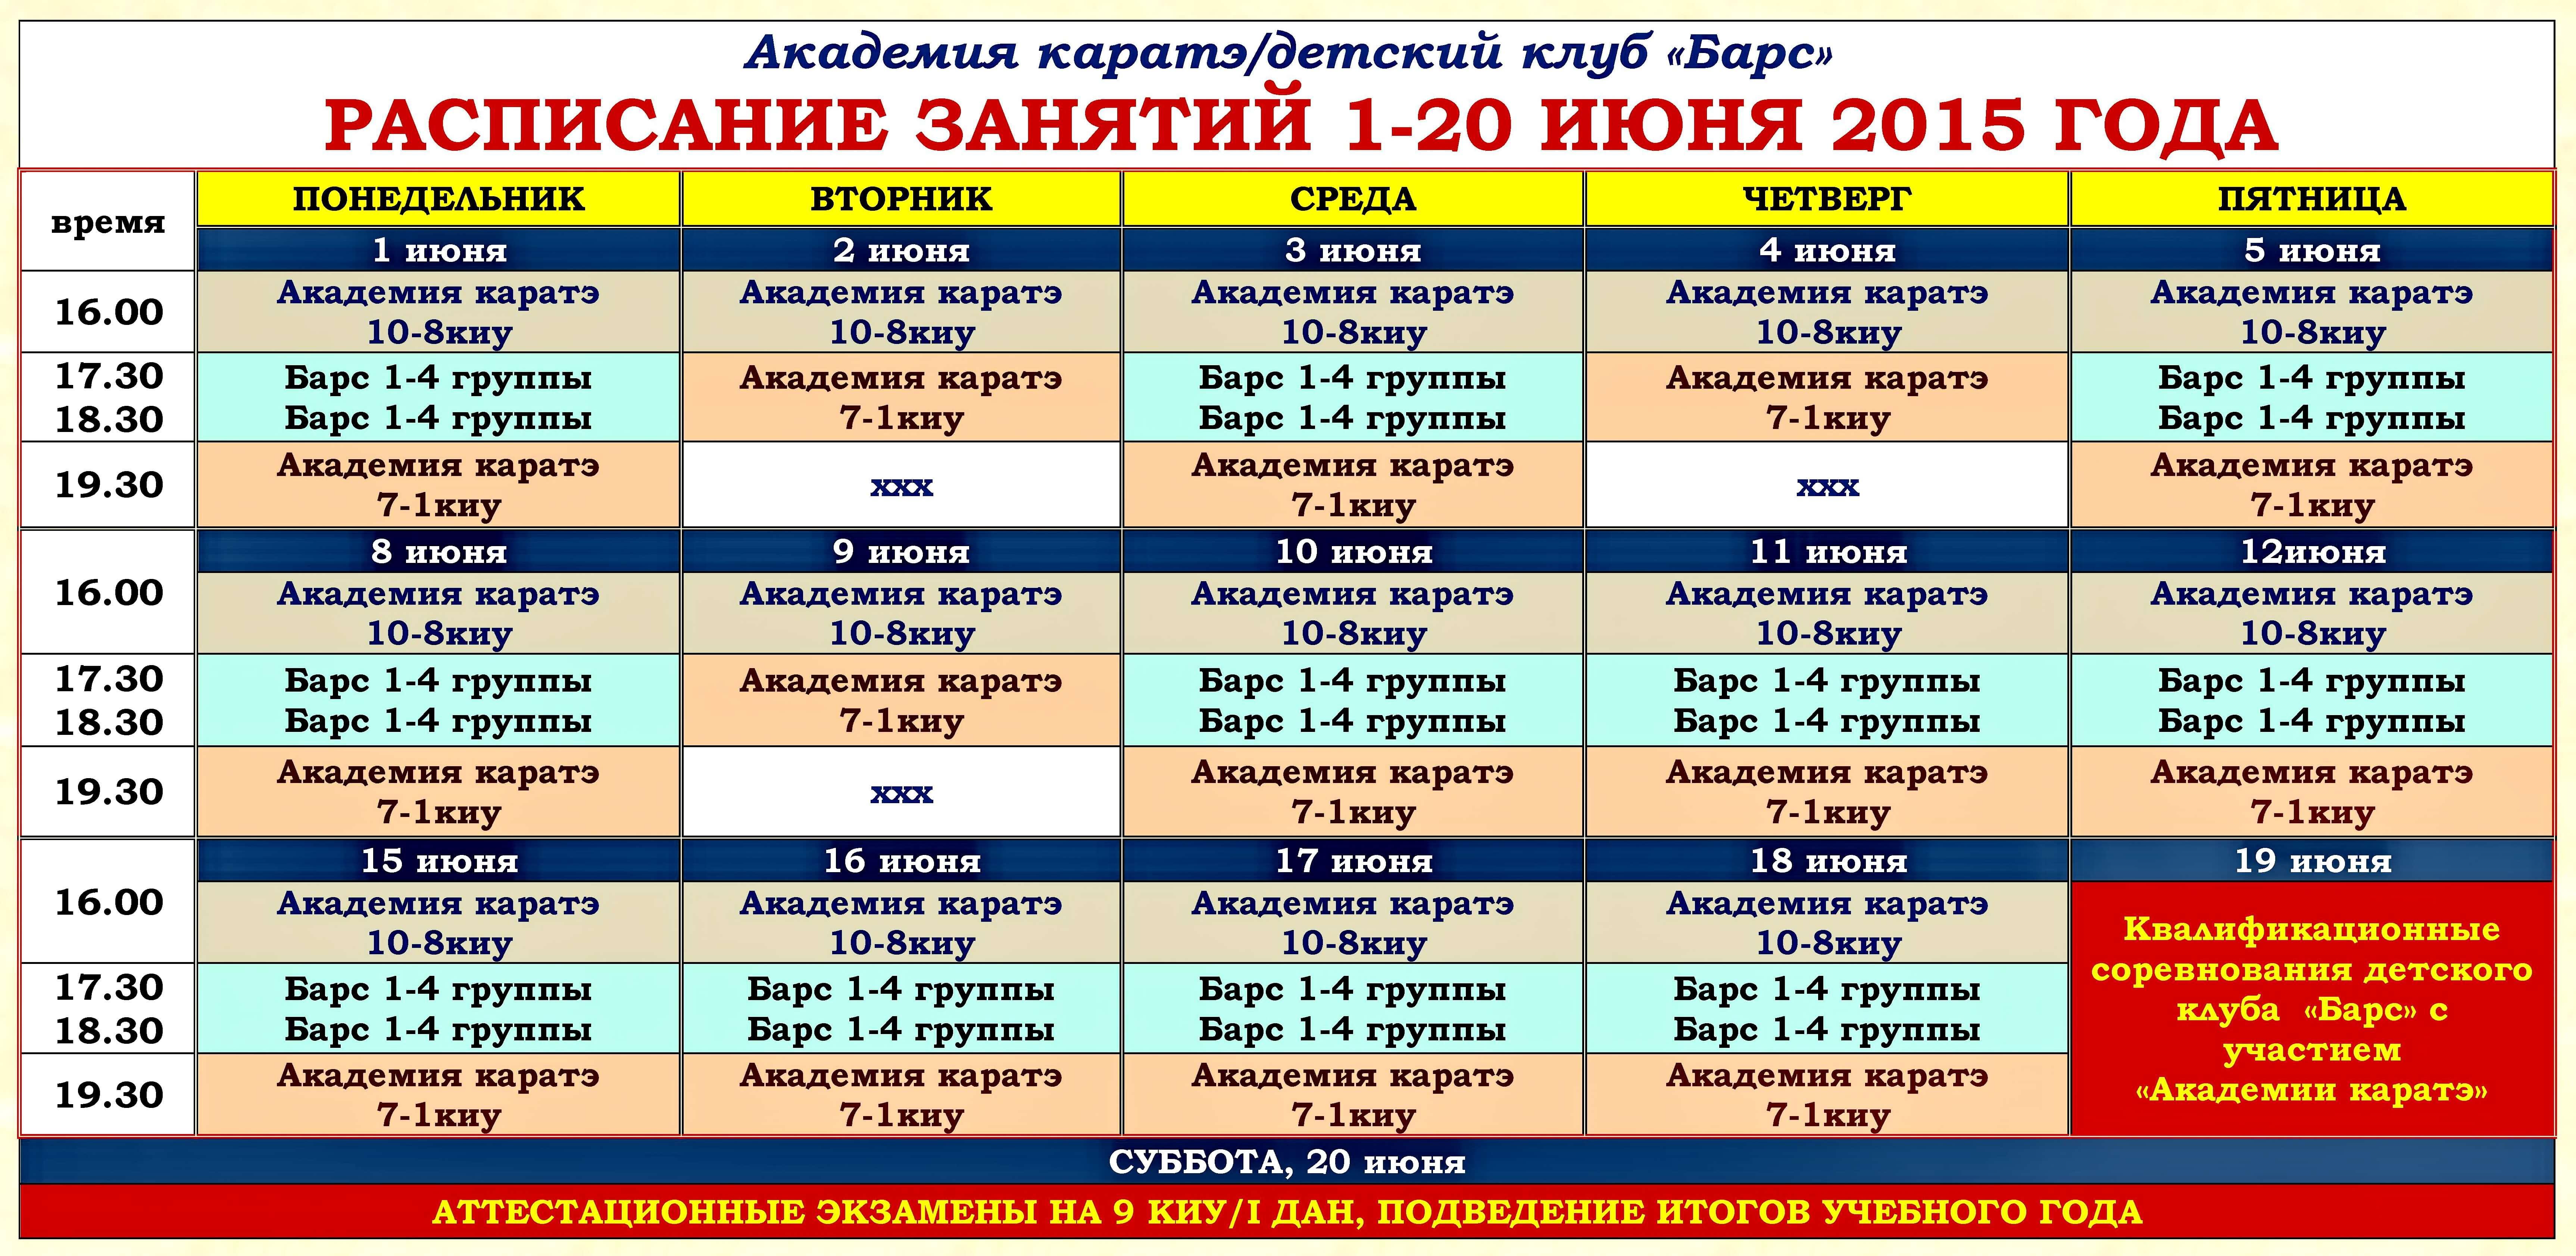 АК Расписание занятий 1-20.06.2015